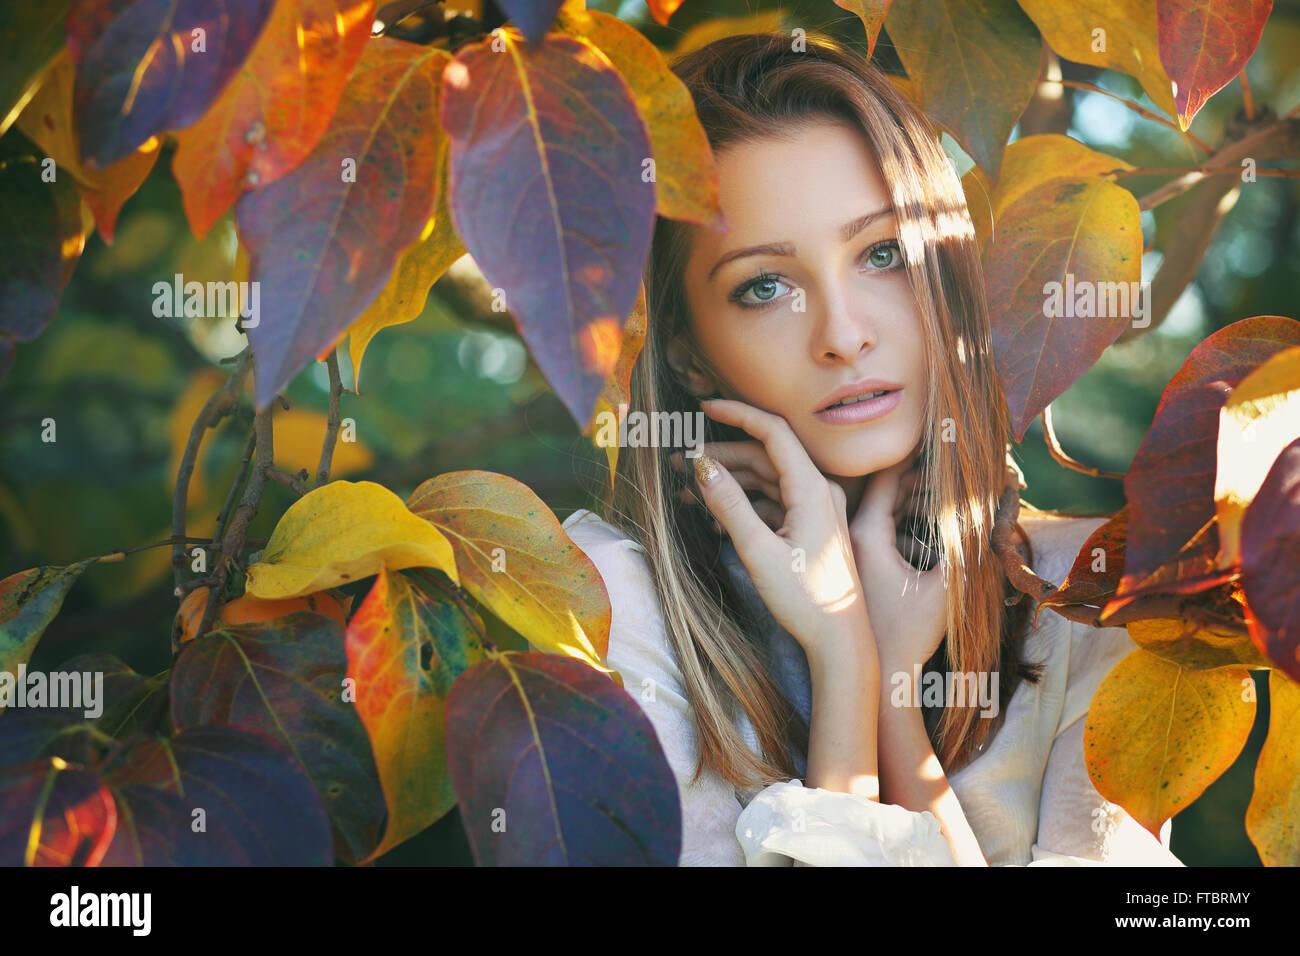 Schöne junge Frau posiert unter bunten Herbstlaub Stockbild